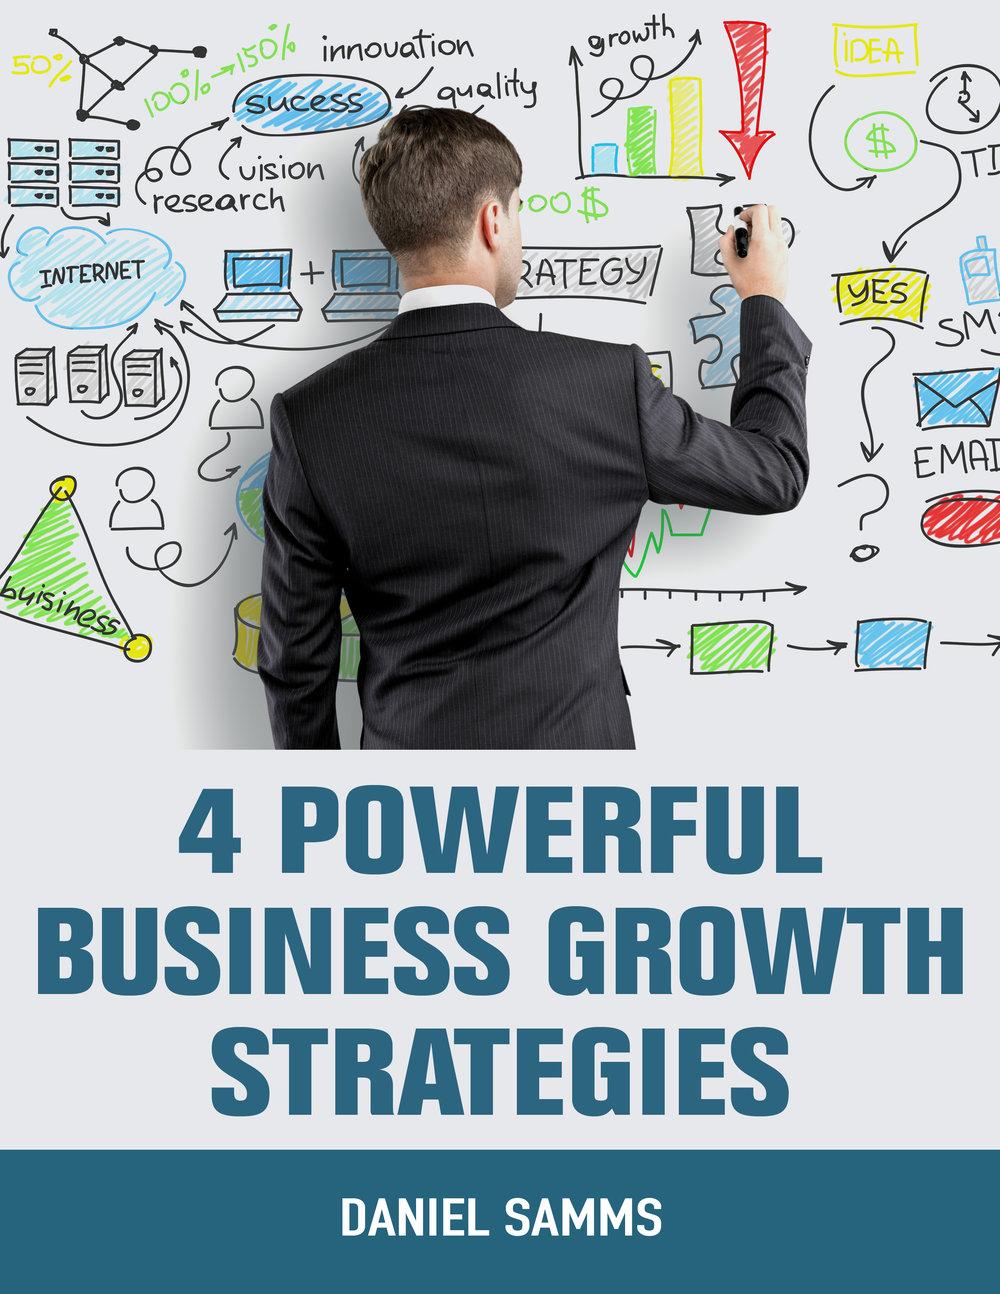 4PowerfulBusinessGrowthStrategies.jpg